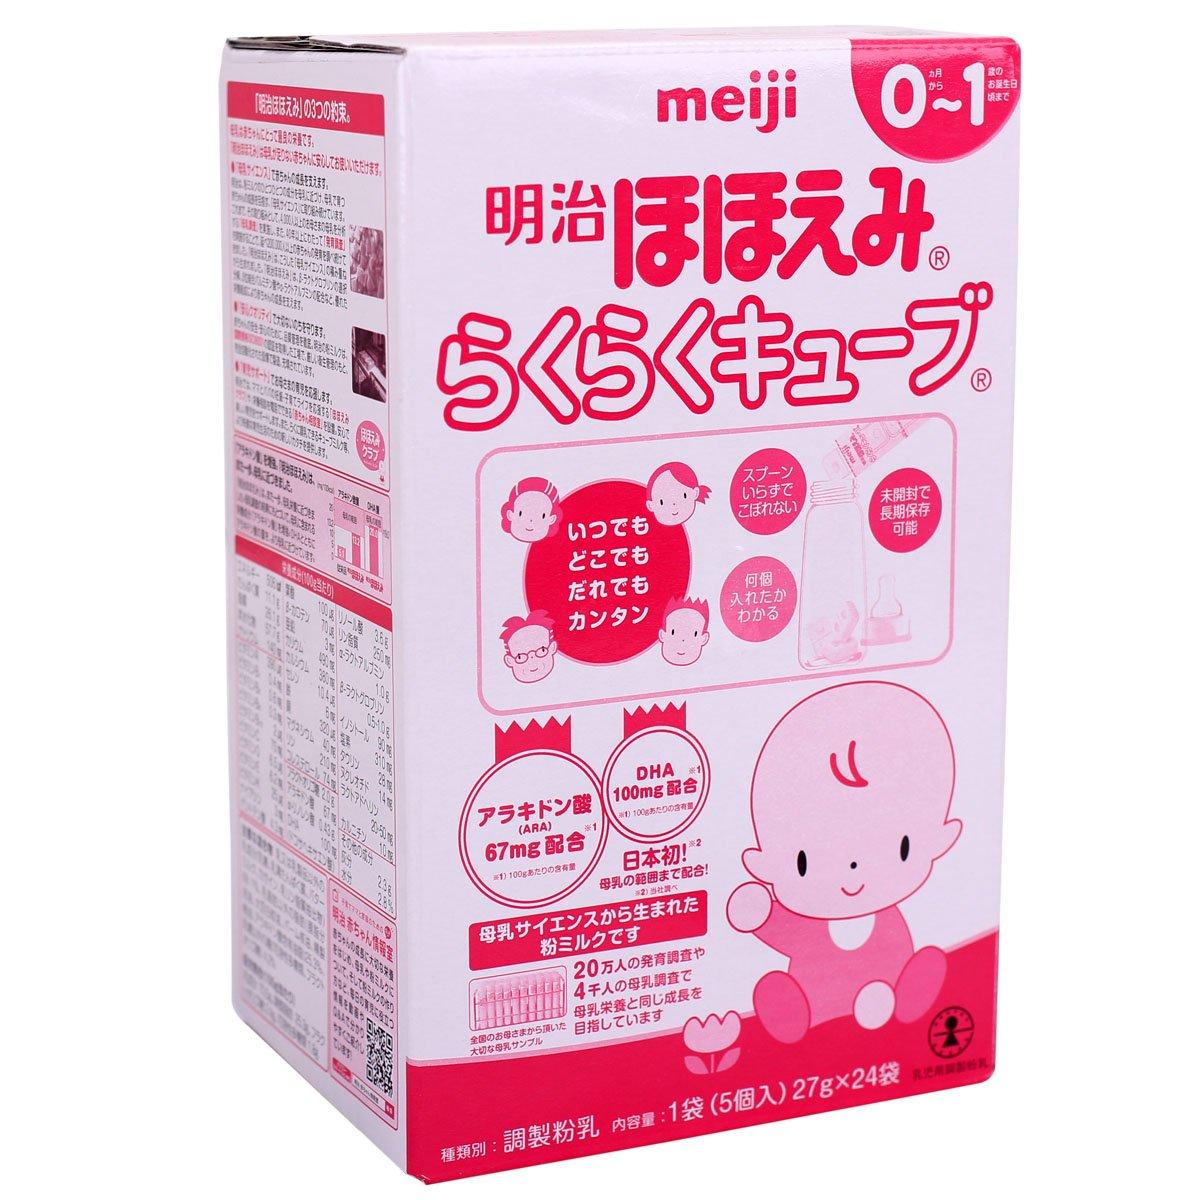 Đặc điểm nổi bật của sữa meiji số 0 dạng thanh